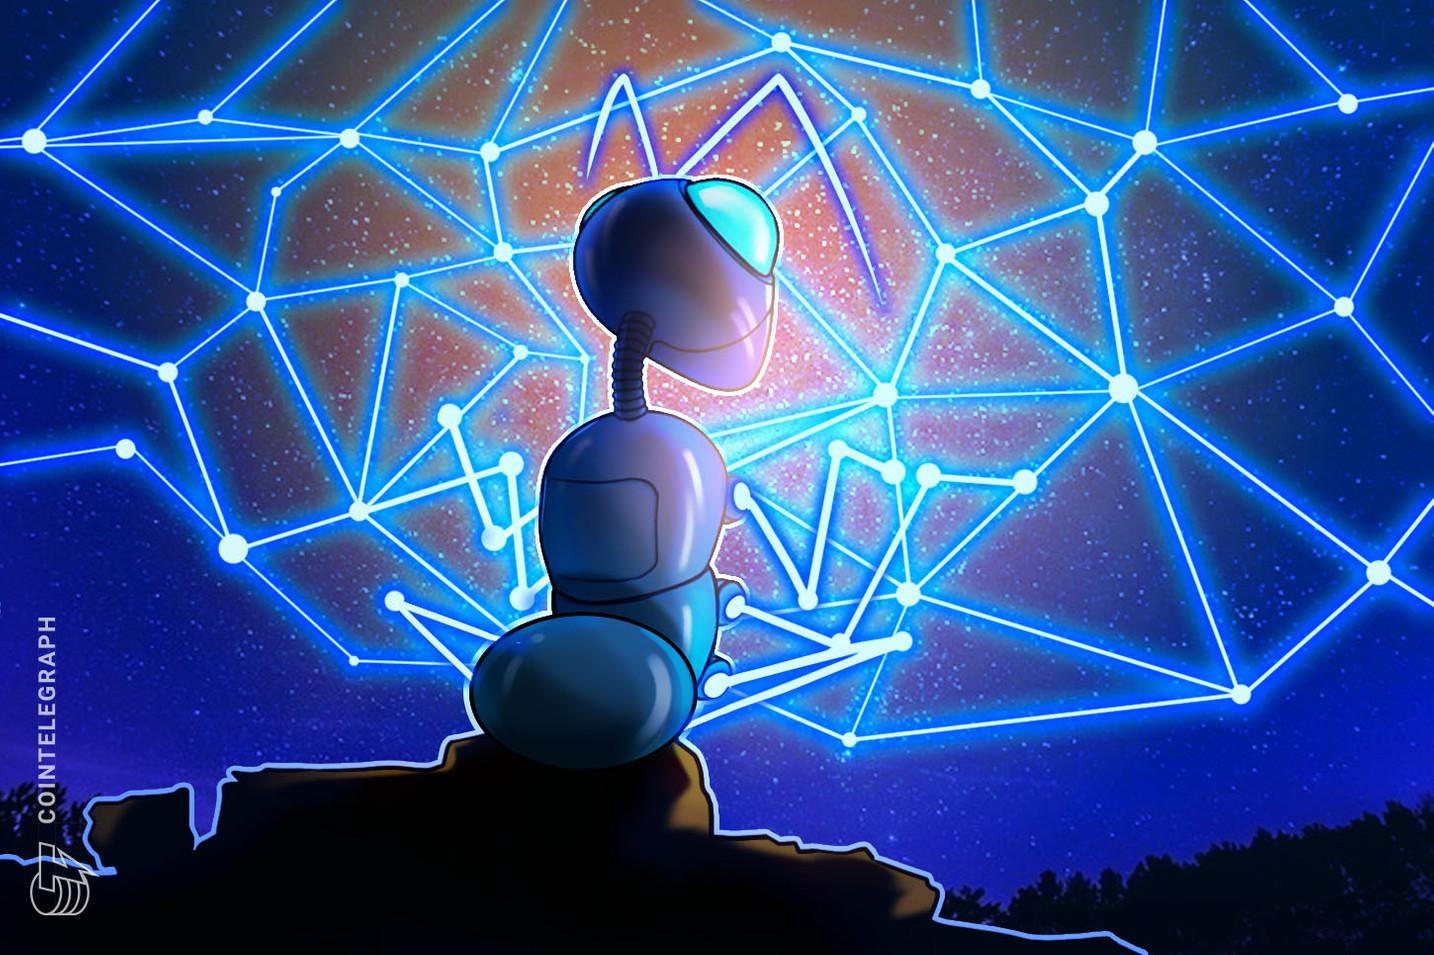 La red blockchain Avalanche lanzará su mainnet completa